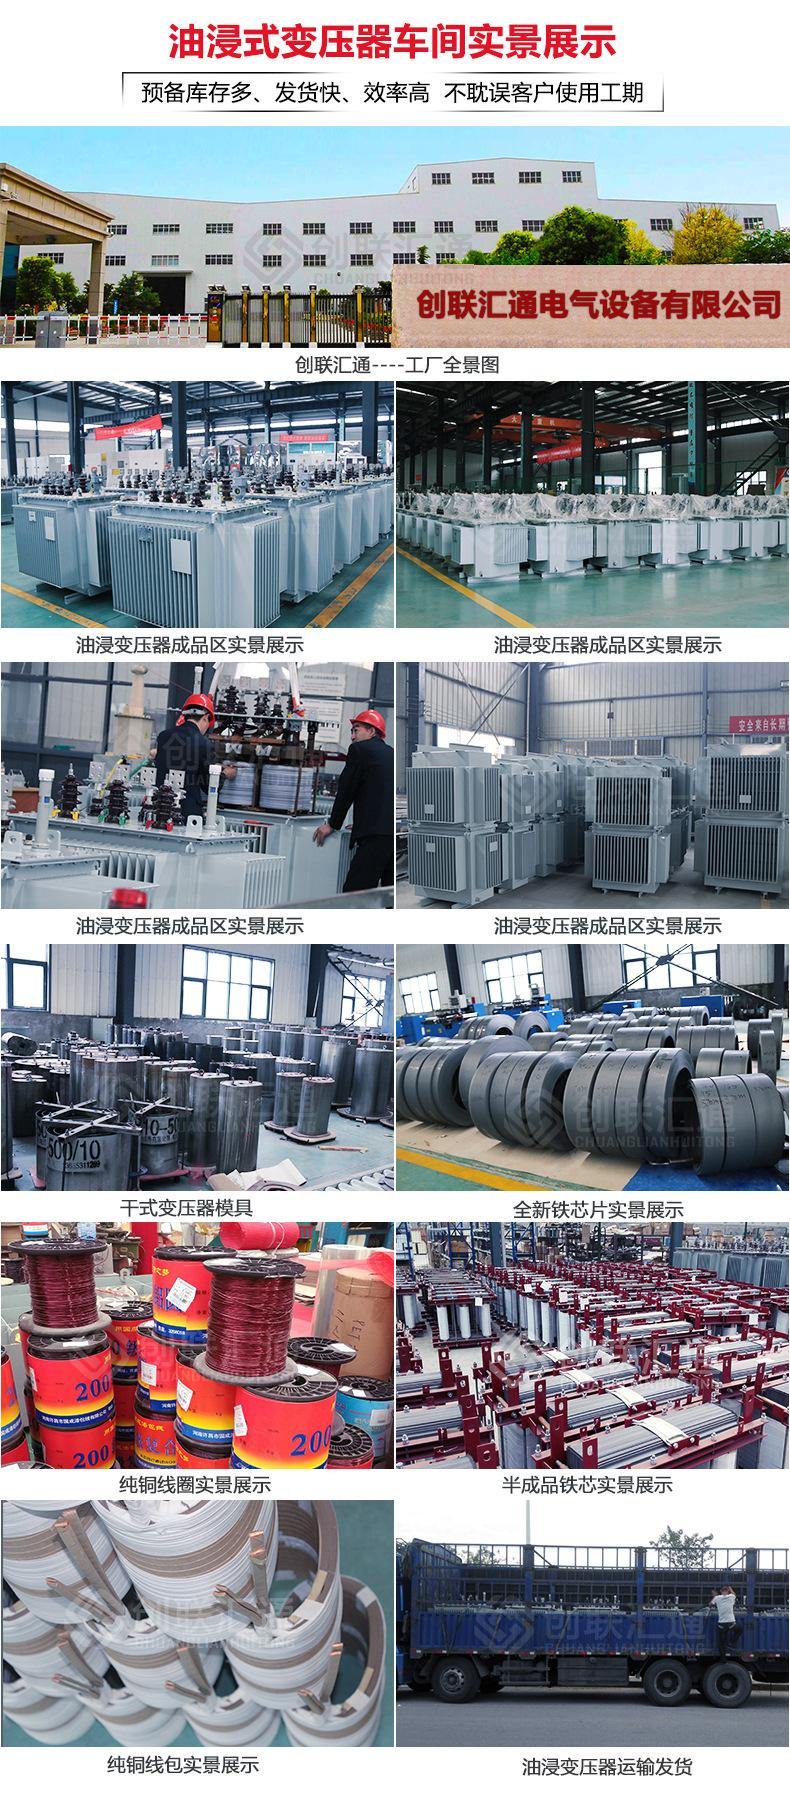 S11-200kva地埋式变压器 厂家直销地埋变压器 景观式地埋变压器-创联汇通示例图12